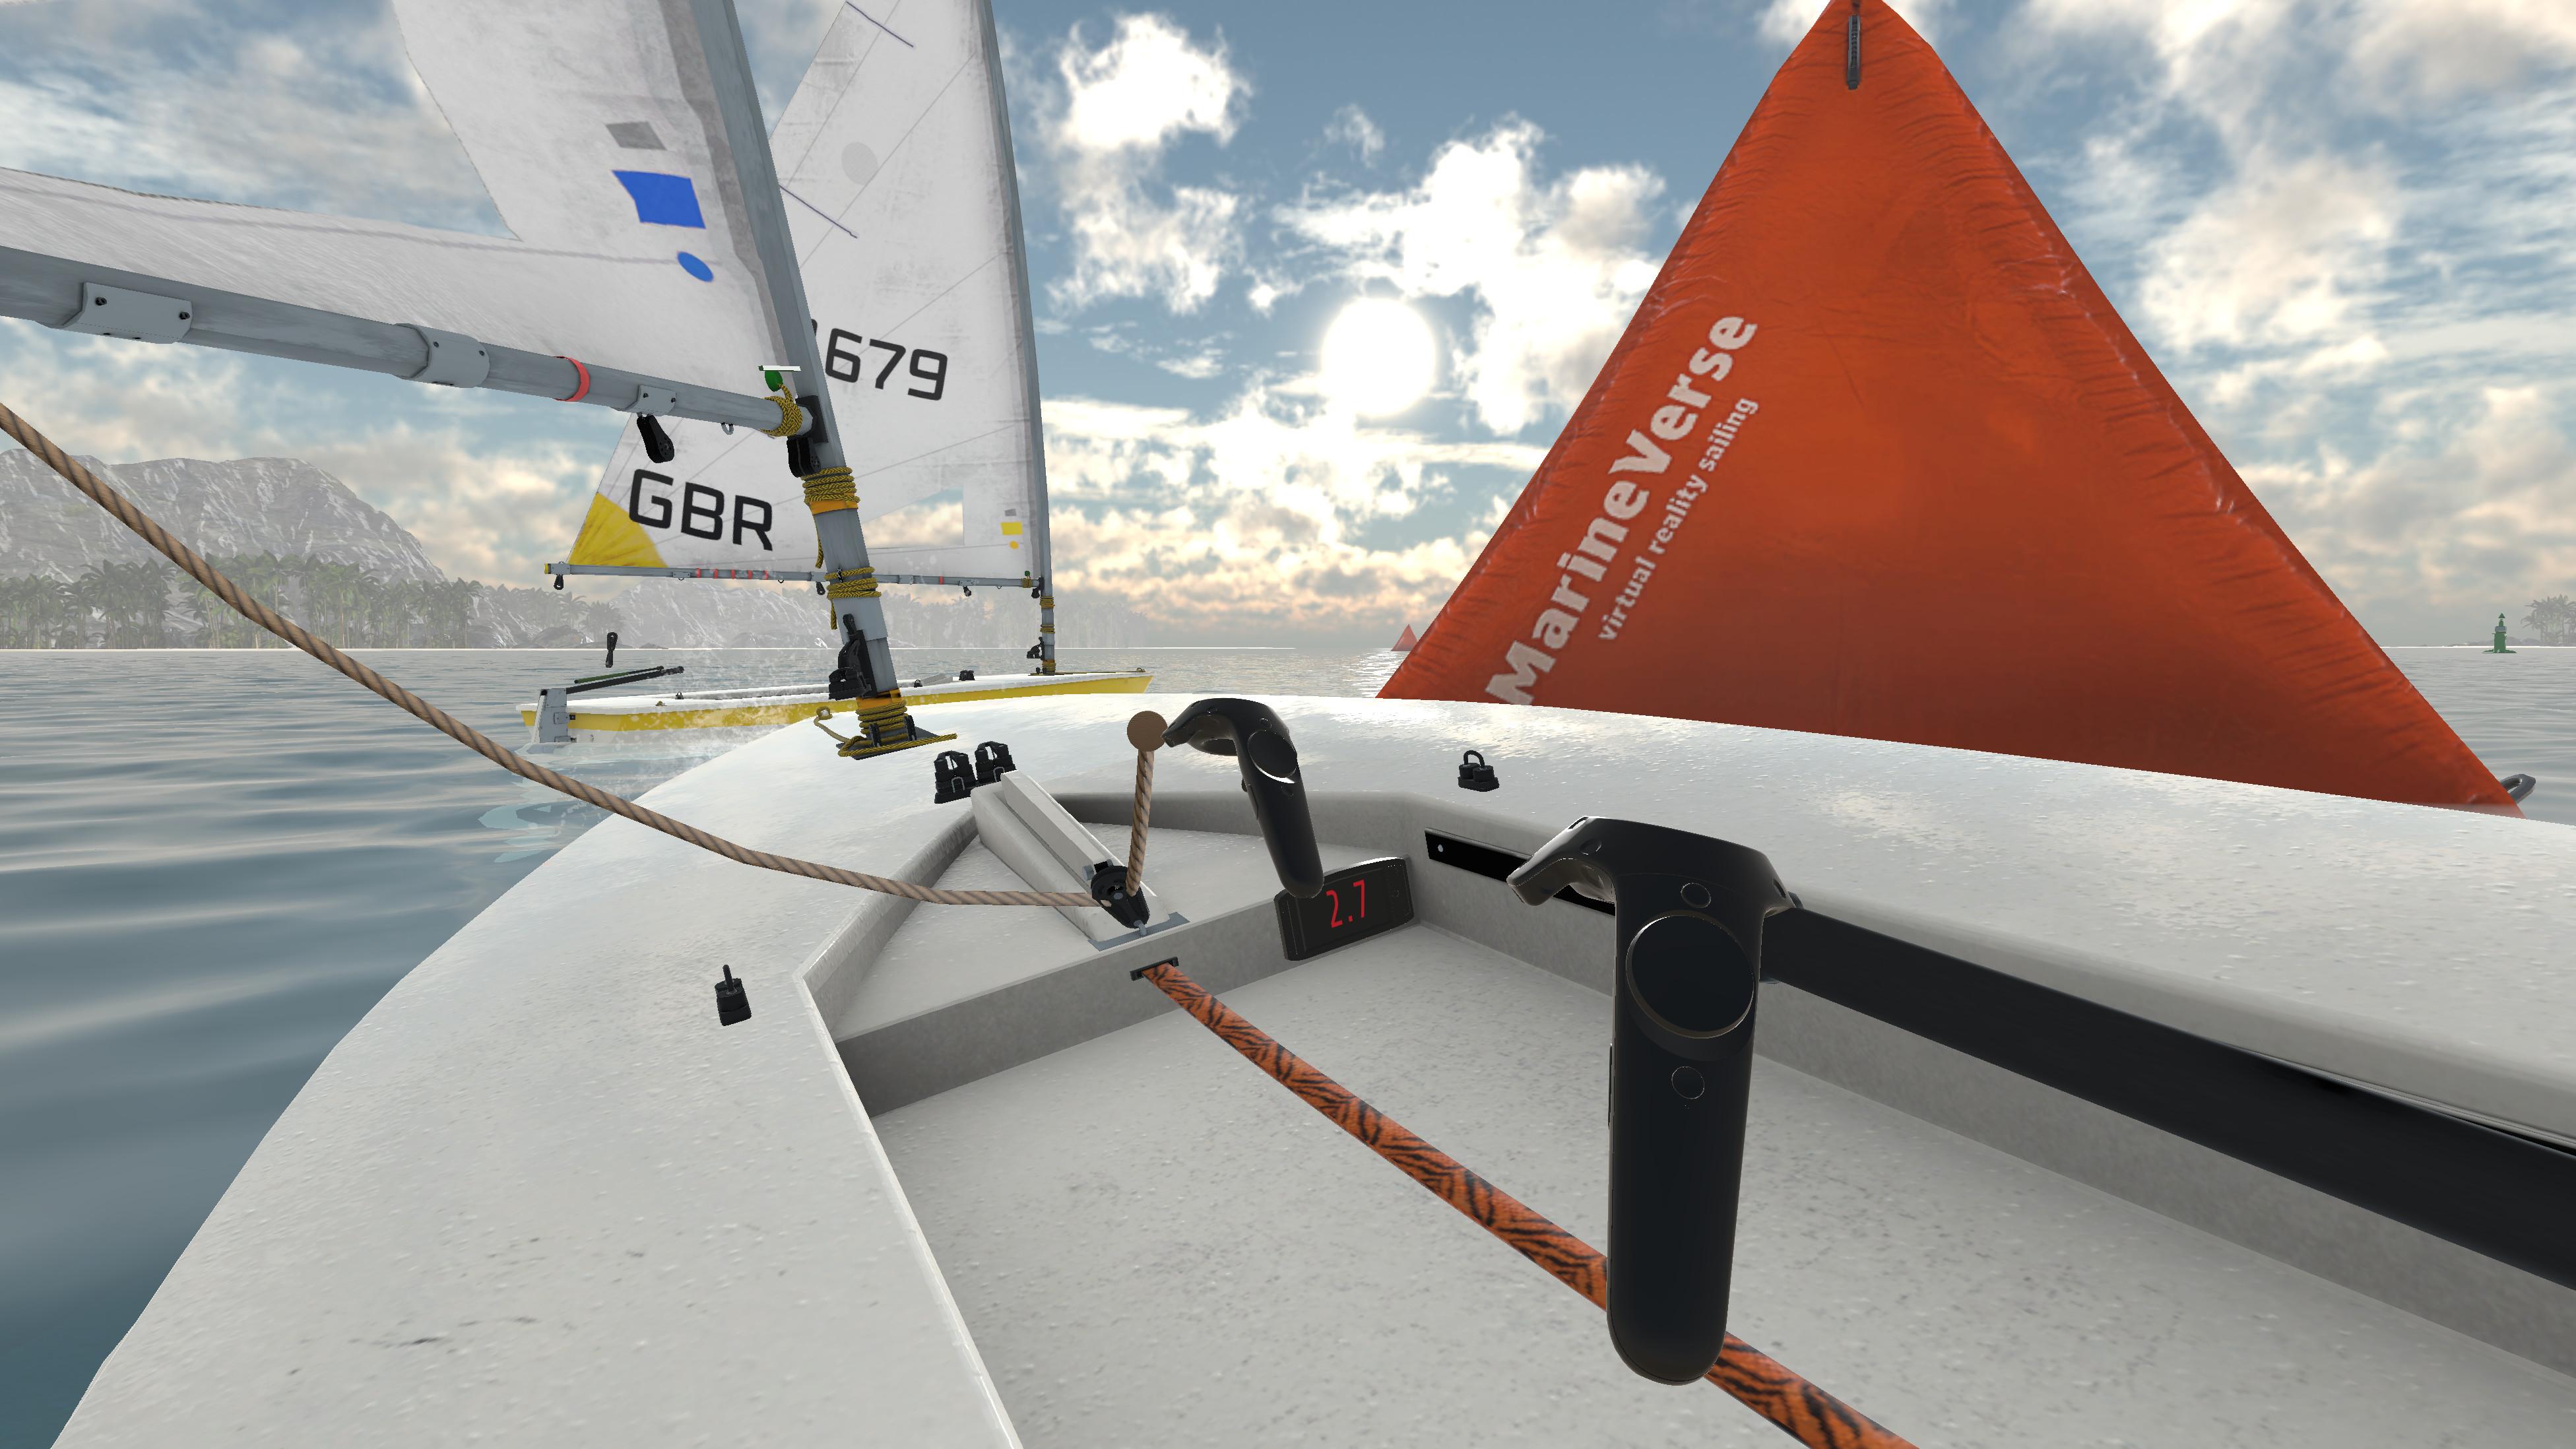 VR Regatta - The Sailing Game screenshot